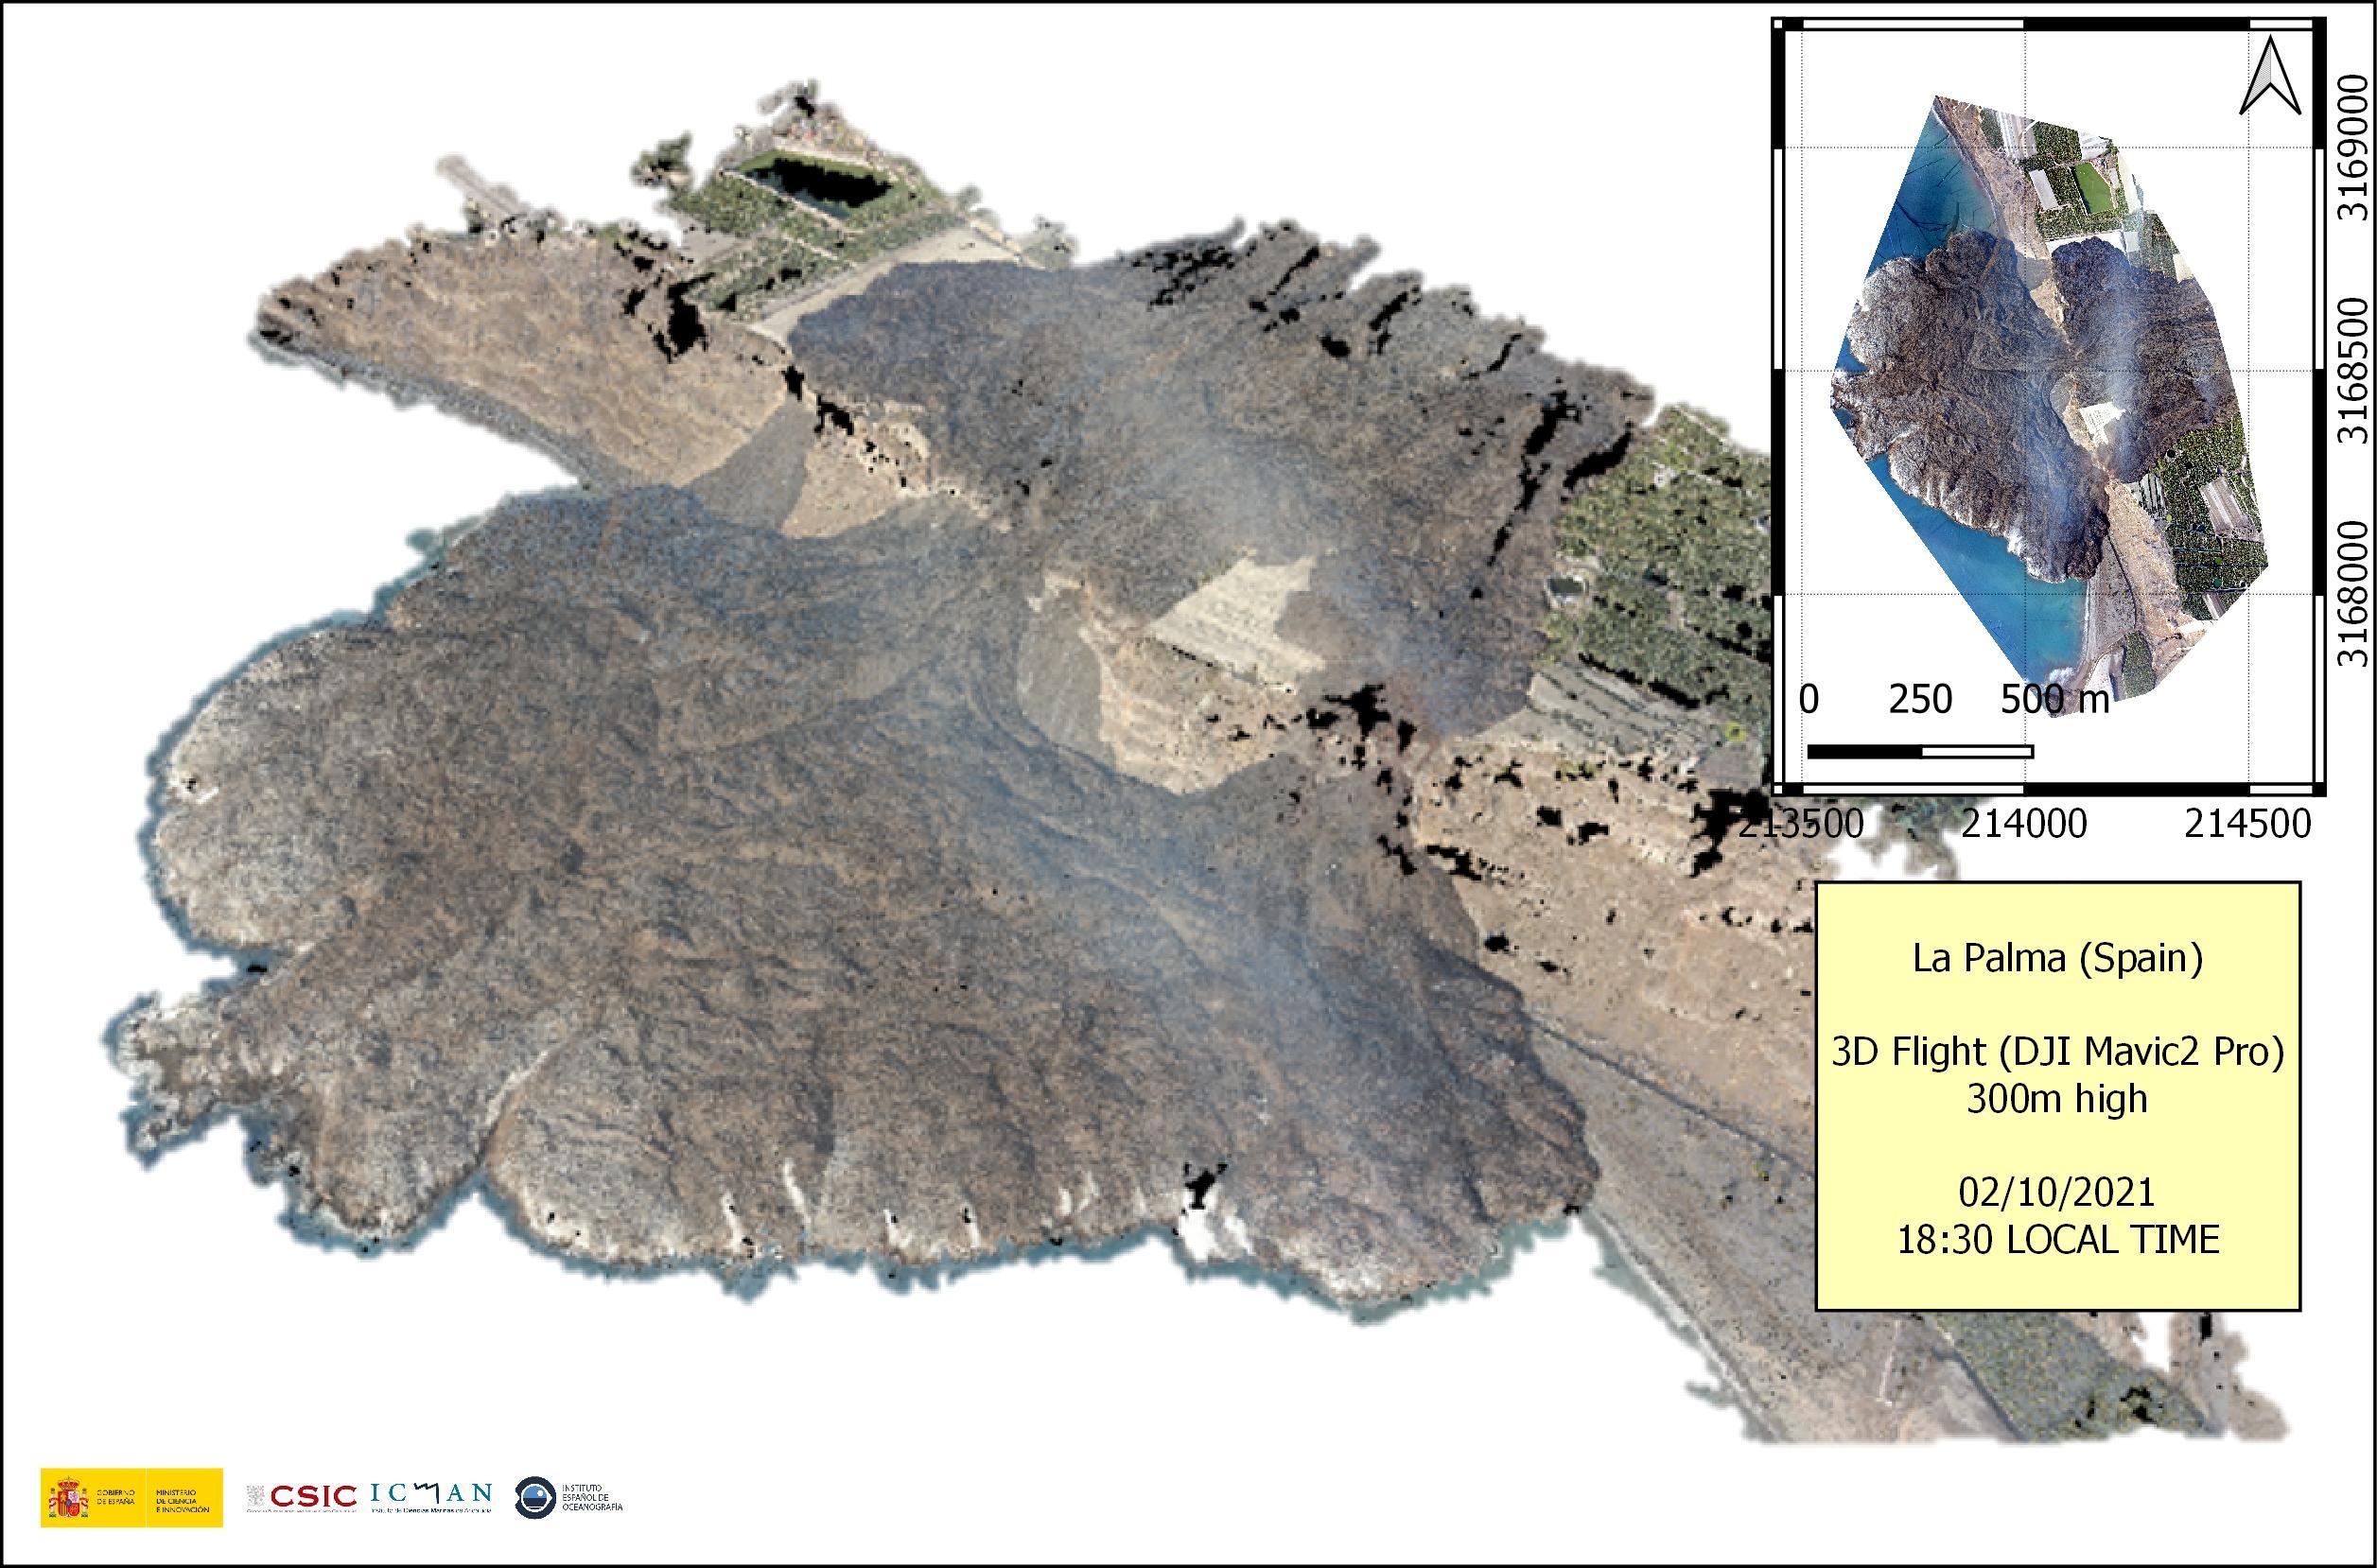 Vuelo realizado con DJI Mavic 2 Pro el sábado 02/10/2020 a las 19:50 volando a diferentes alturas, con el objetivo de dimensionar y cubicar el delta de lava.